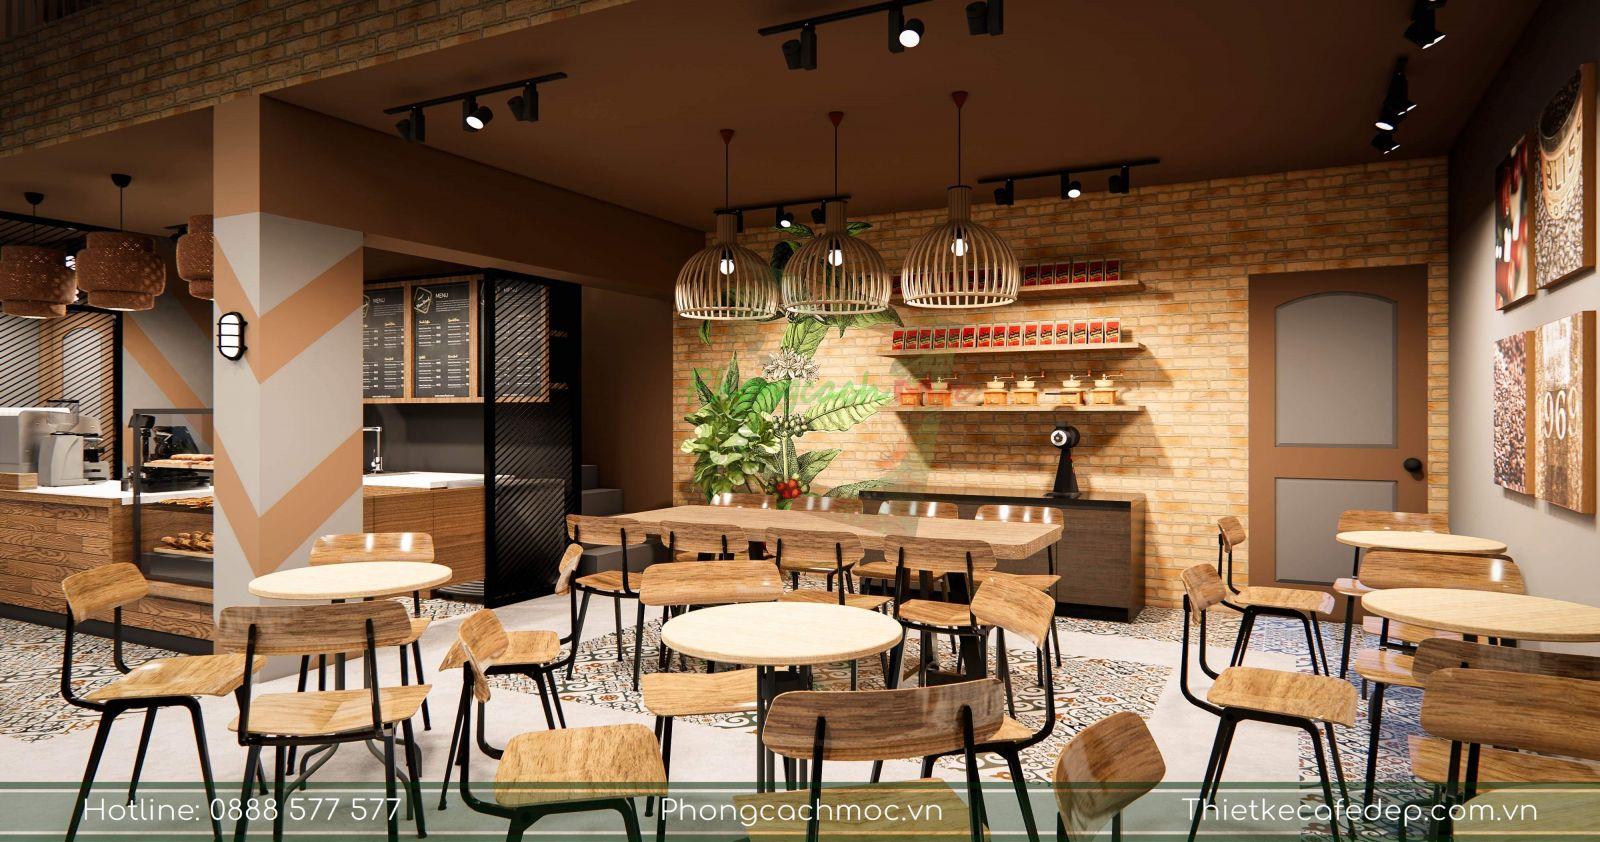 sử dụng bàn ghế cho quán cafe diện tích 110m2